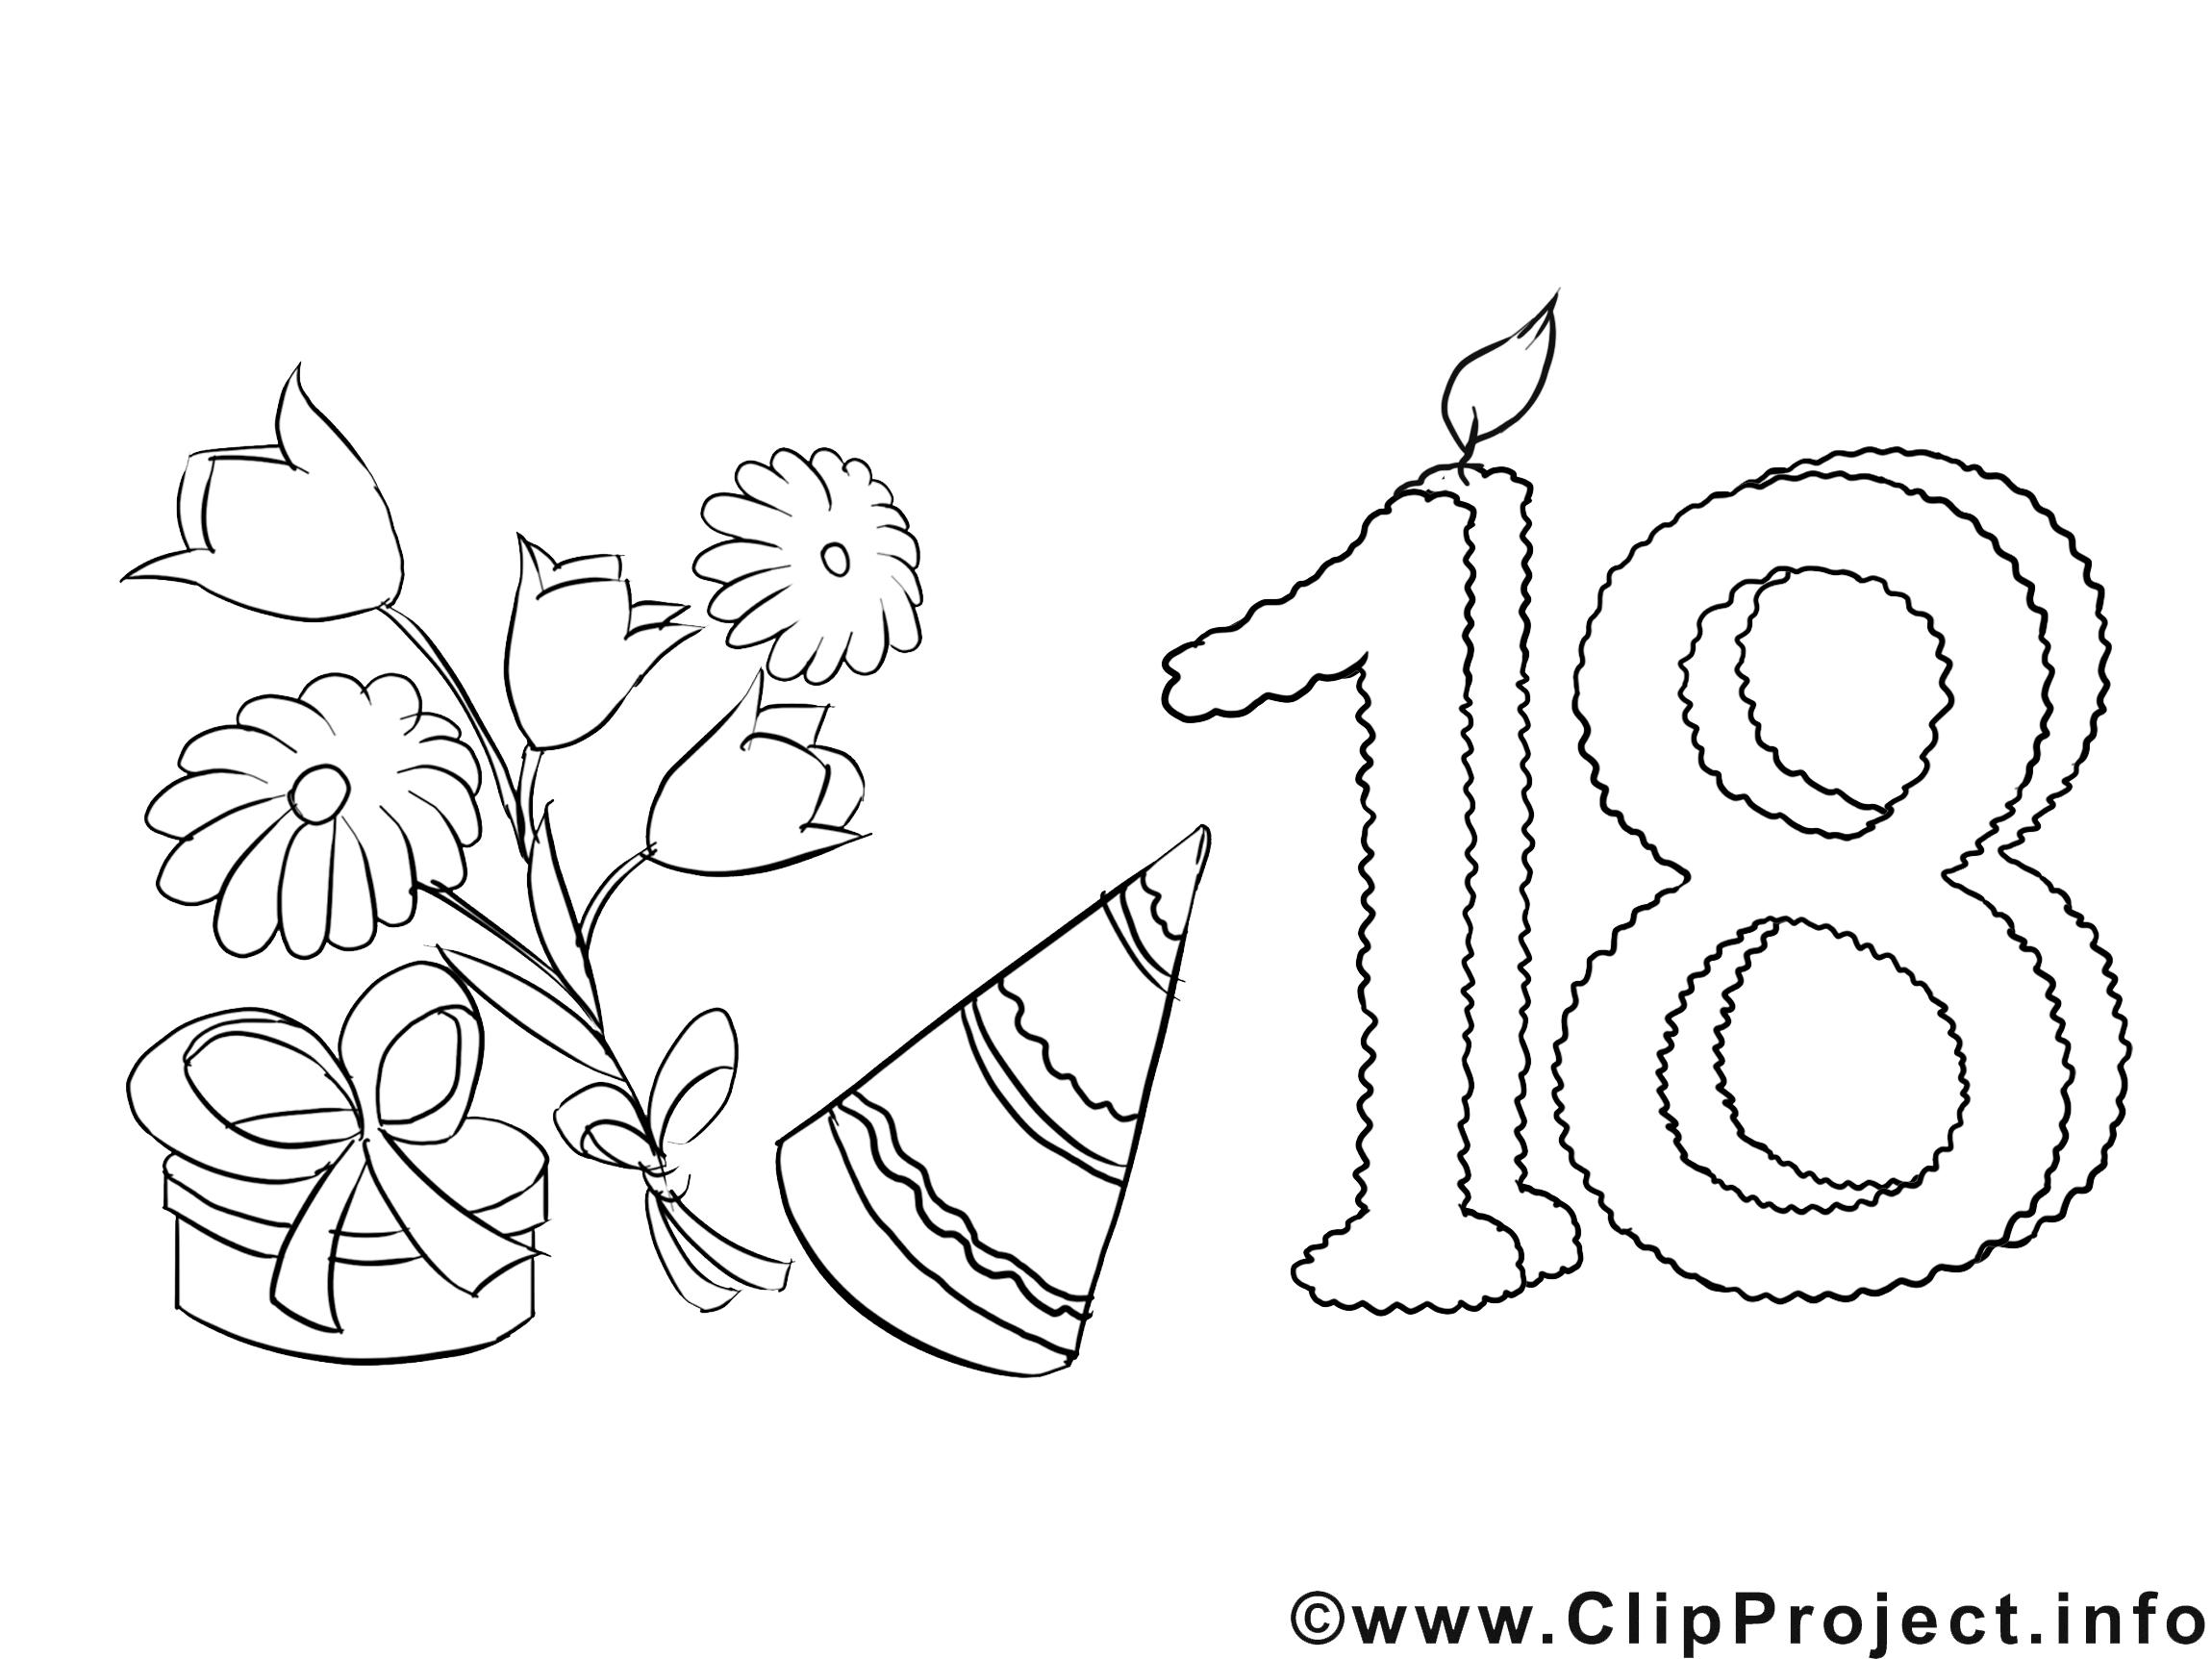 Ausmalbilder Geburtstag Prinzessin : Ausmalbilder Zum 18 Geburtstag 01 Ausmalbilder Pinterest